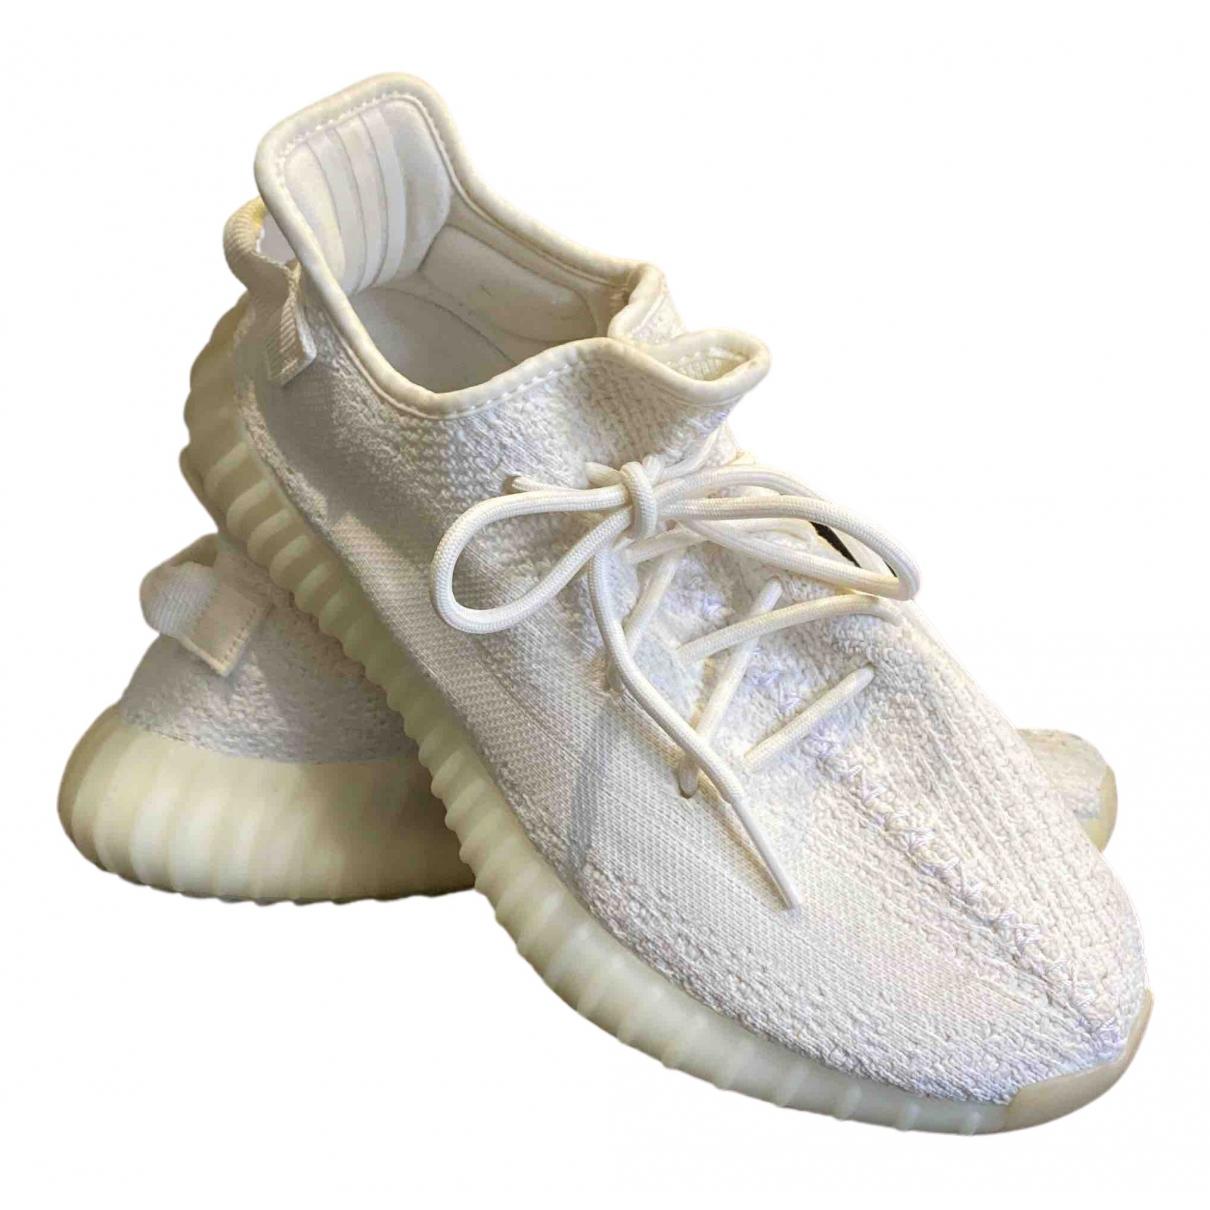 Yeezy \N Sneakers in  Weiss Leinen